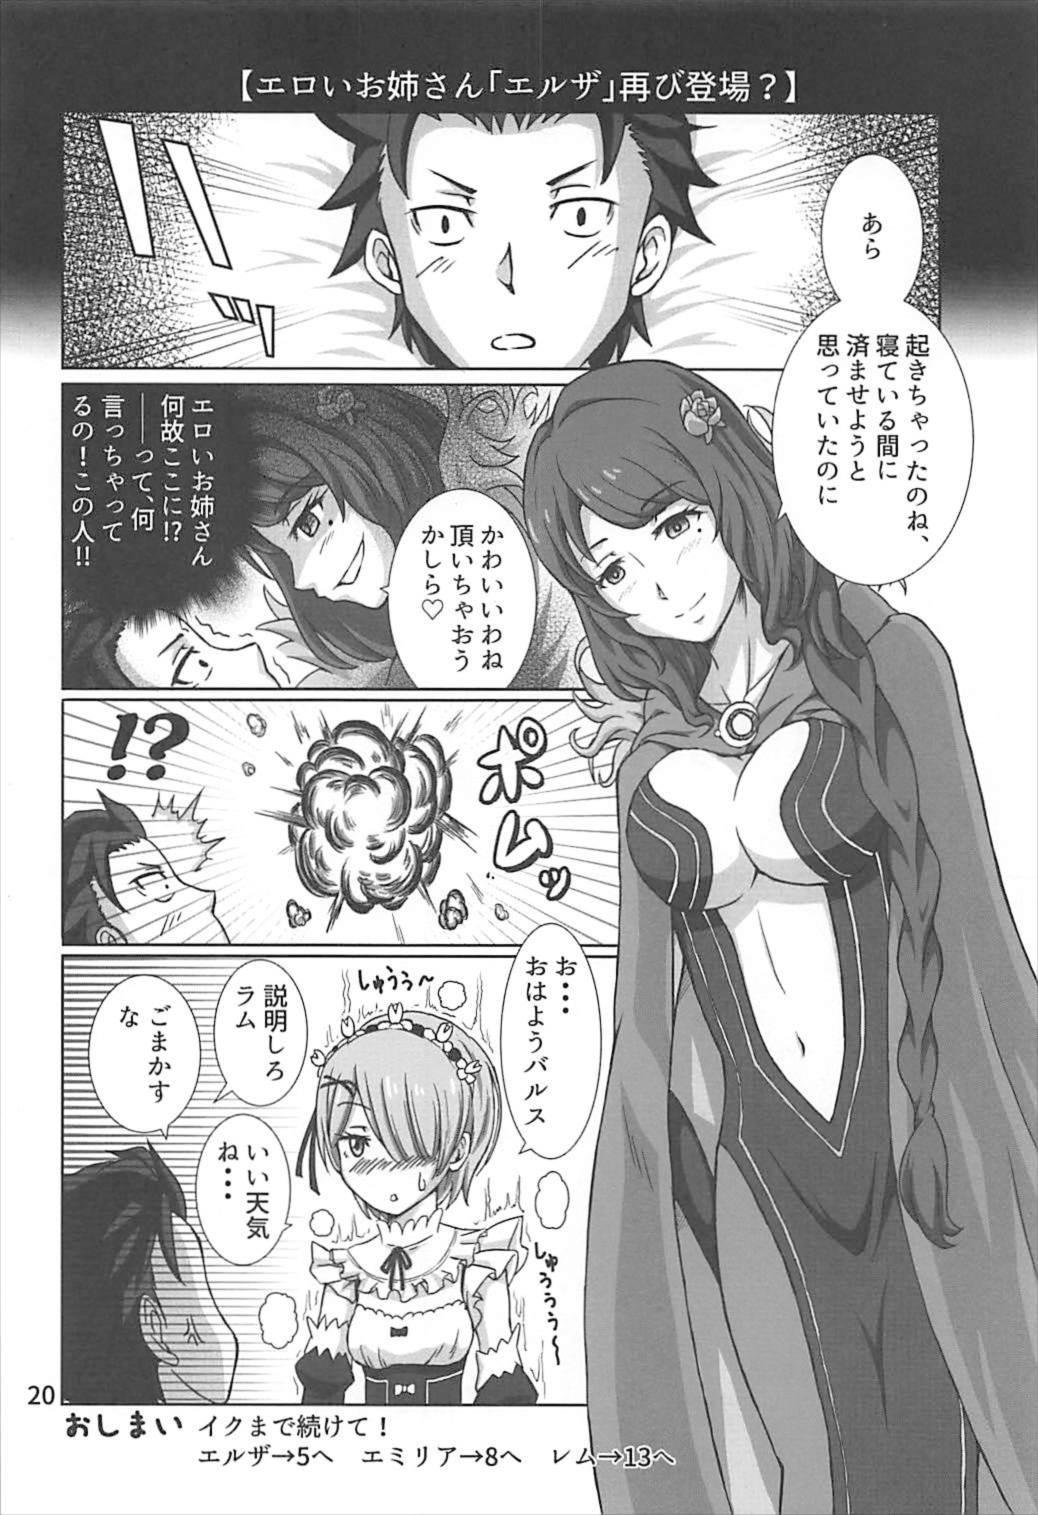 Re:Iku made Tsuzukeru Isekai Seikatsu 18